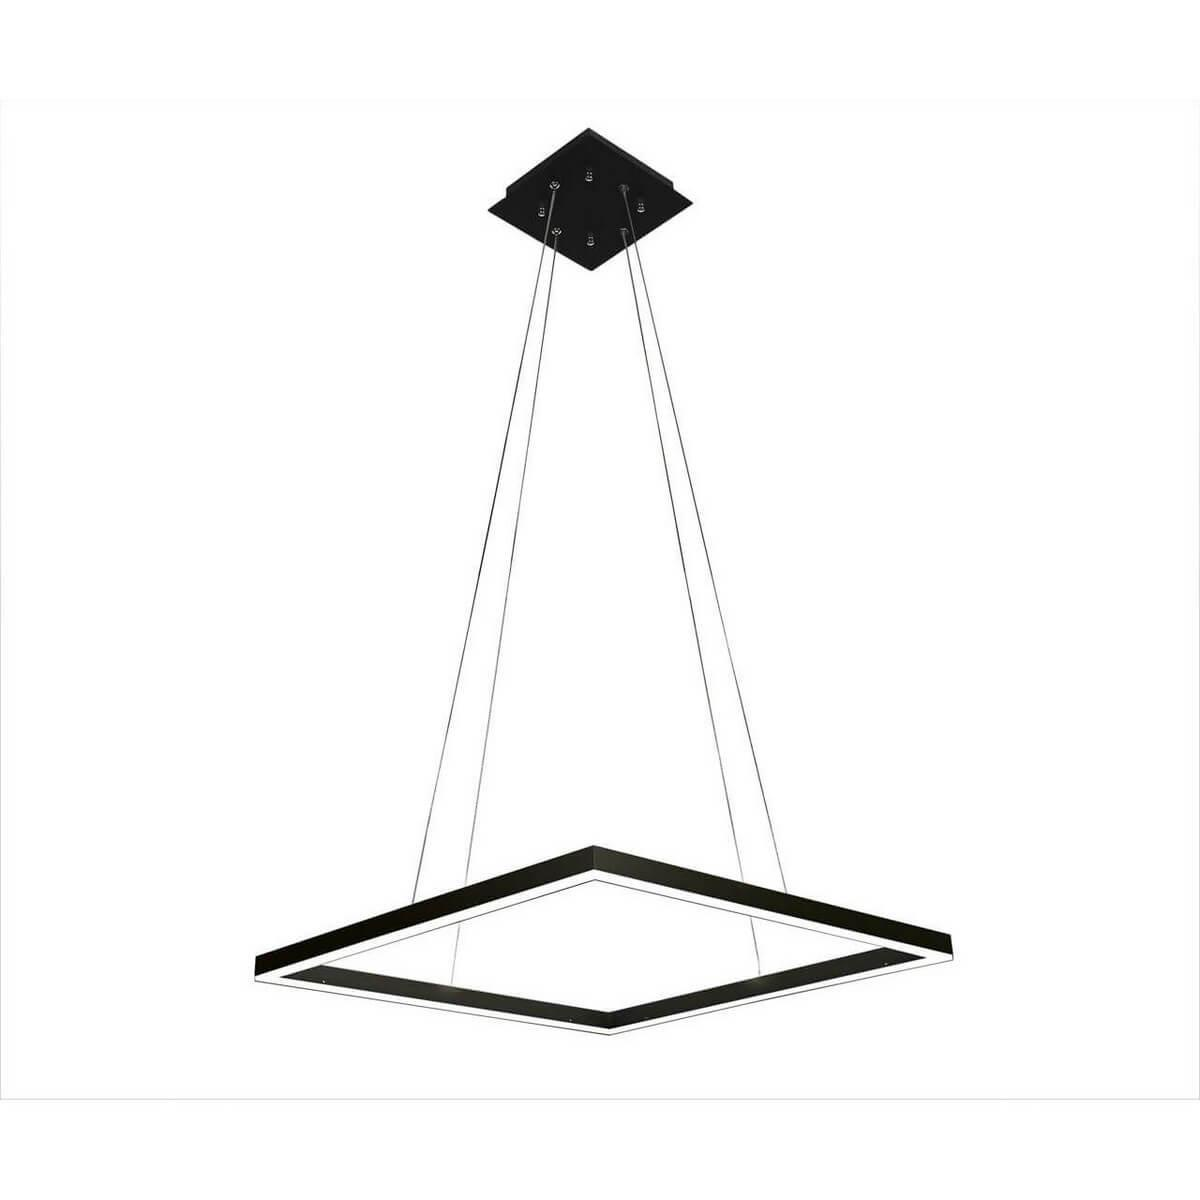 Подвесной светильник Kink Light 08225,19(4000K), LED, 36 Вт люстра kink light альтис kl 08665 16